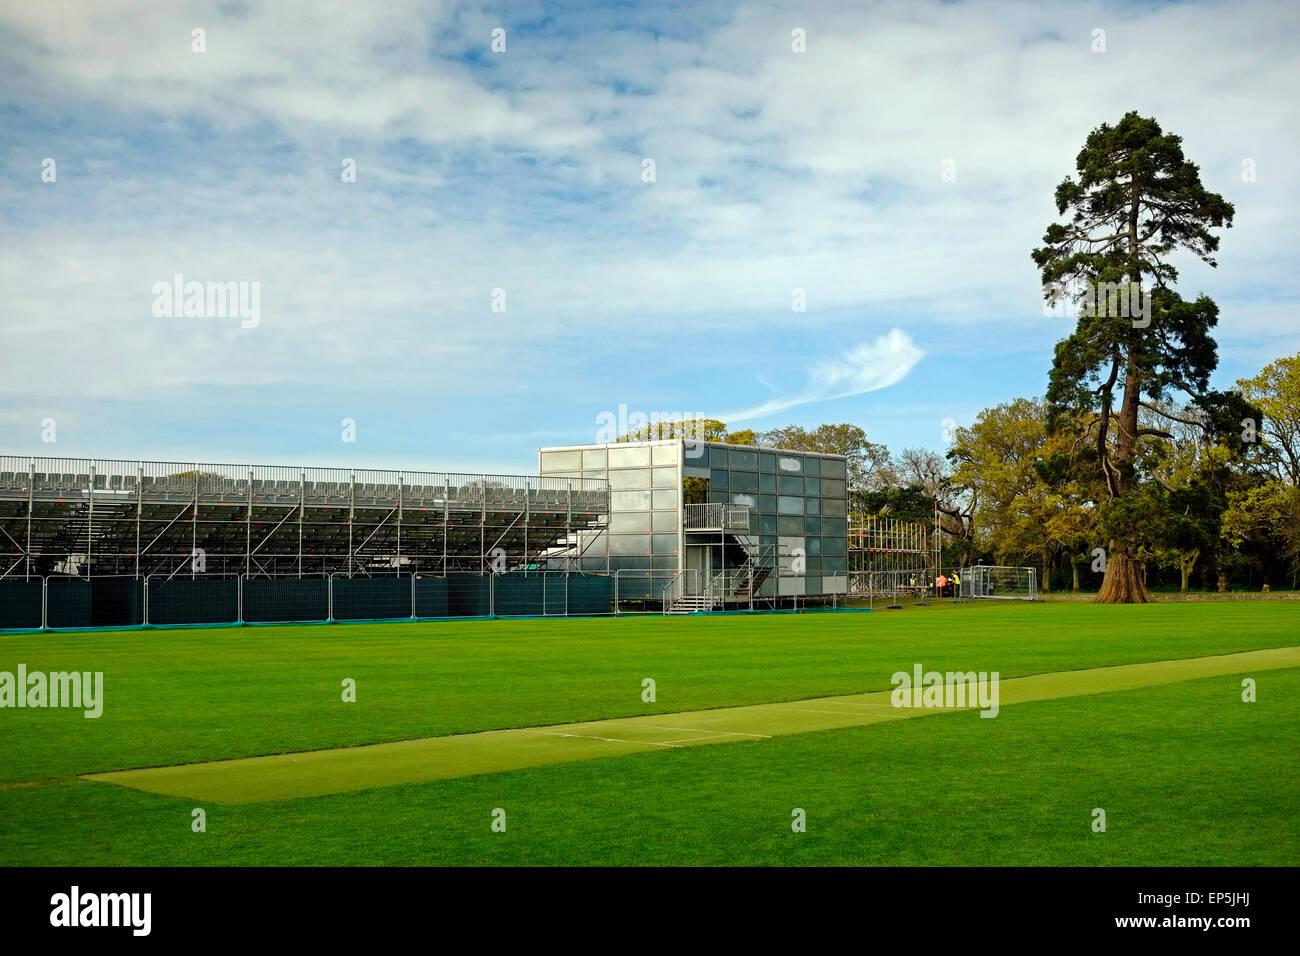 Temporary Cricket stadium Malahide Castle may 8th 2015 Dublin County Co. Ireland - Stock Image